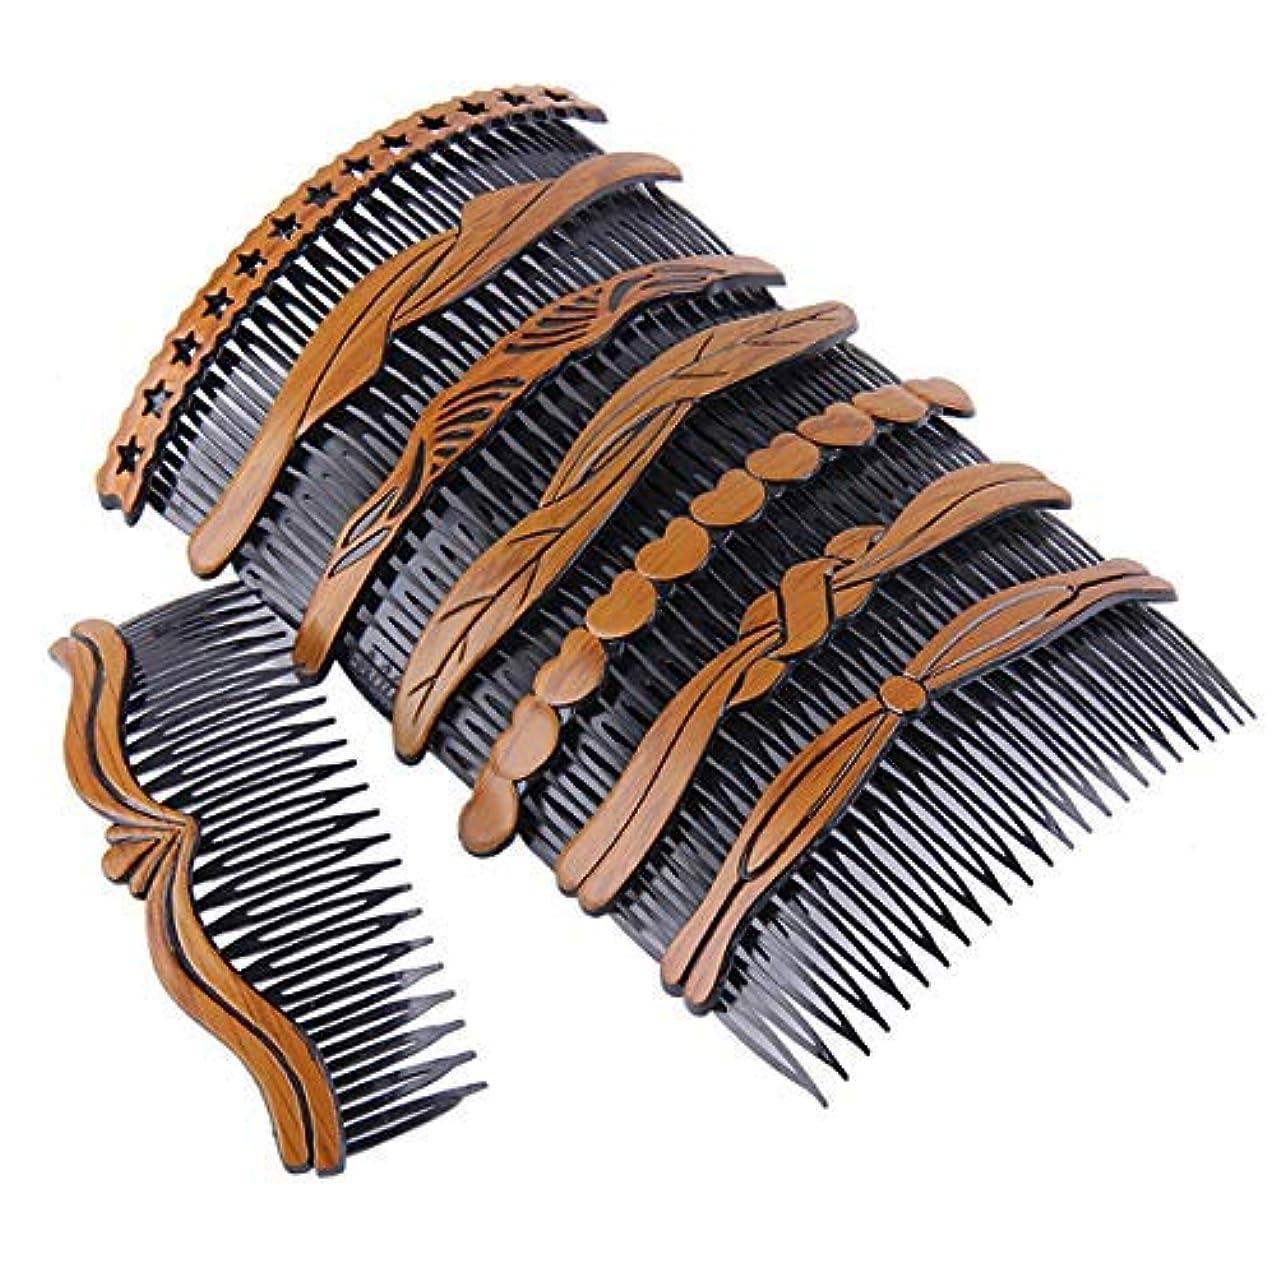 決して加速する誓う8Pcs Plastic Wood Grain Hollow Hair Side Combs Retro Hair Comb Pin Clips Headdress with Teeth for Lady Women Girls Hair Styling Accessories [並行輸入品]